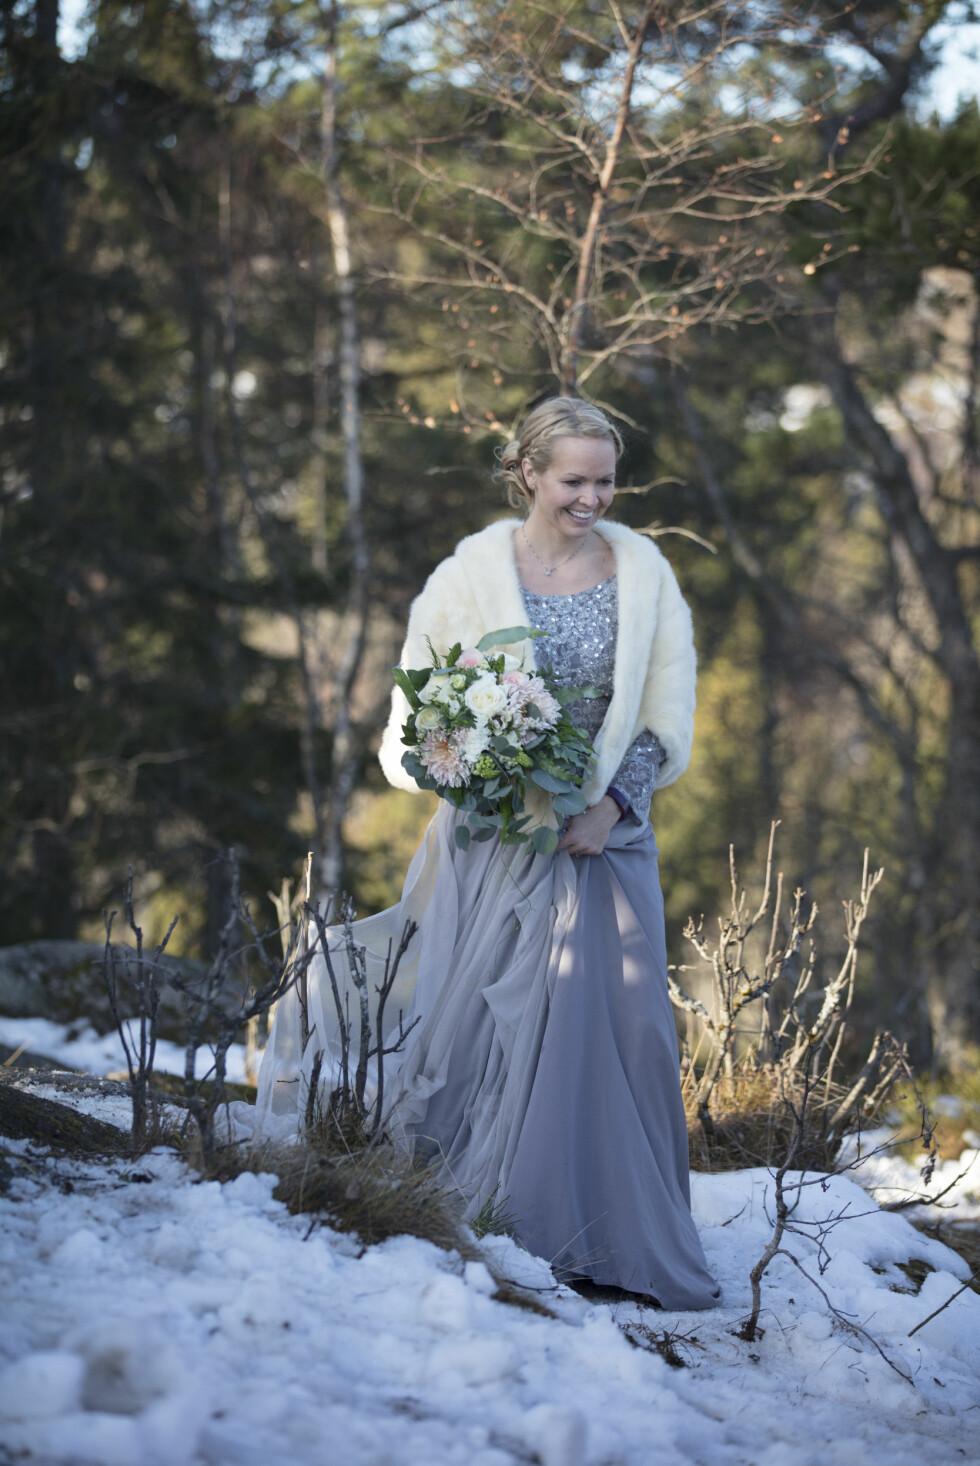 VAKKER: Bruden kom opp til toppen i turklær, og skiftet til kjole i det provisoriske teltet som brudgommen hadde fikset i forkant. FOTO: Even Hjartholm